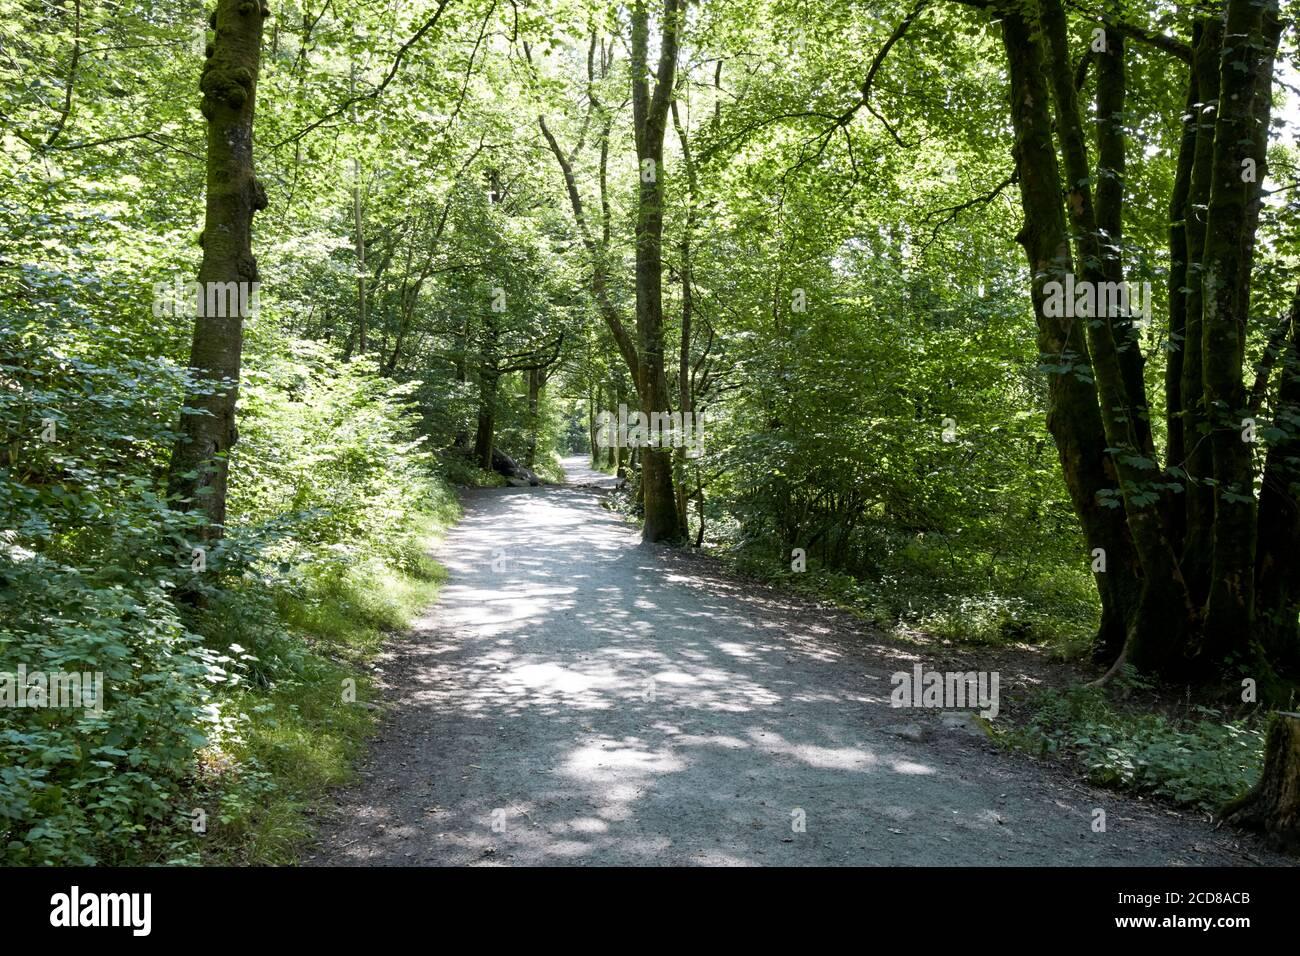 chemin d'accès public à travers les bois dans le district de lac d'eau d'angleterre royaume-uni Banque D'Images